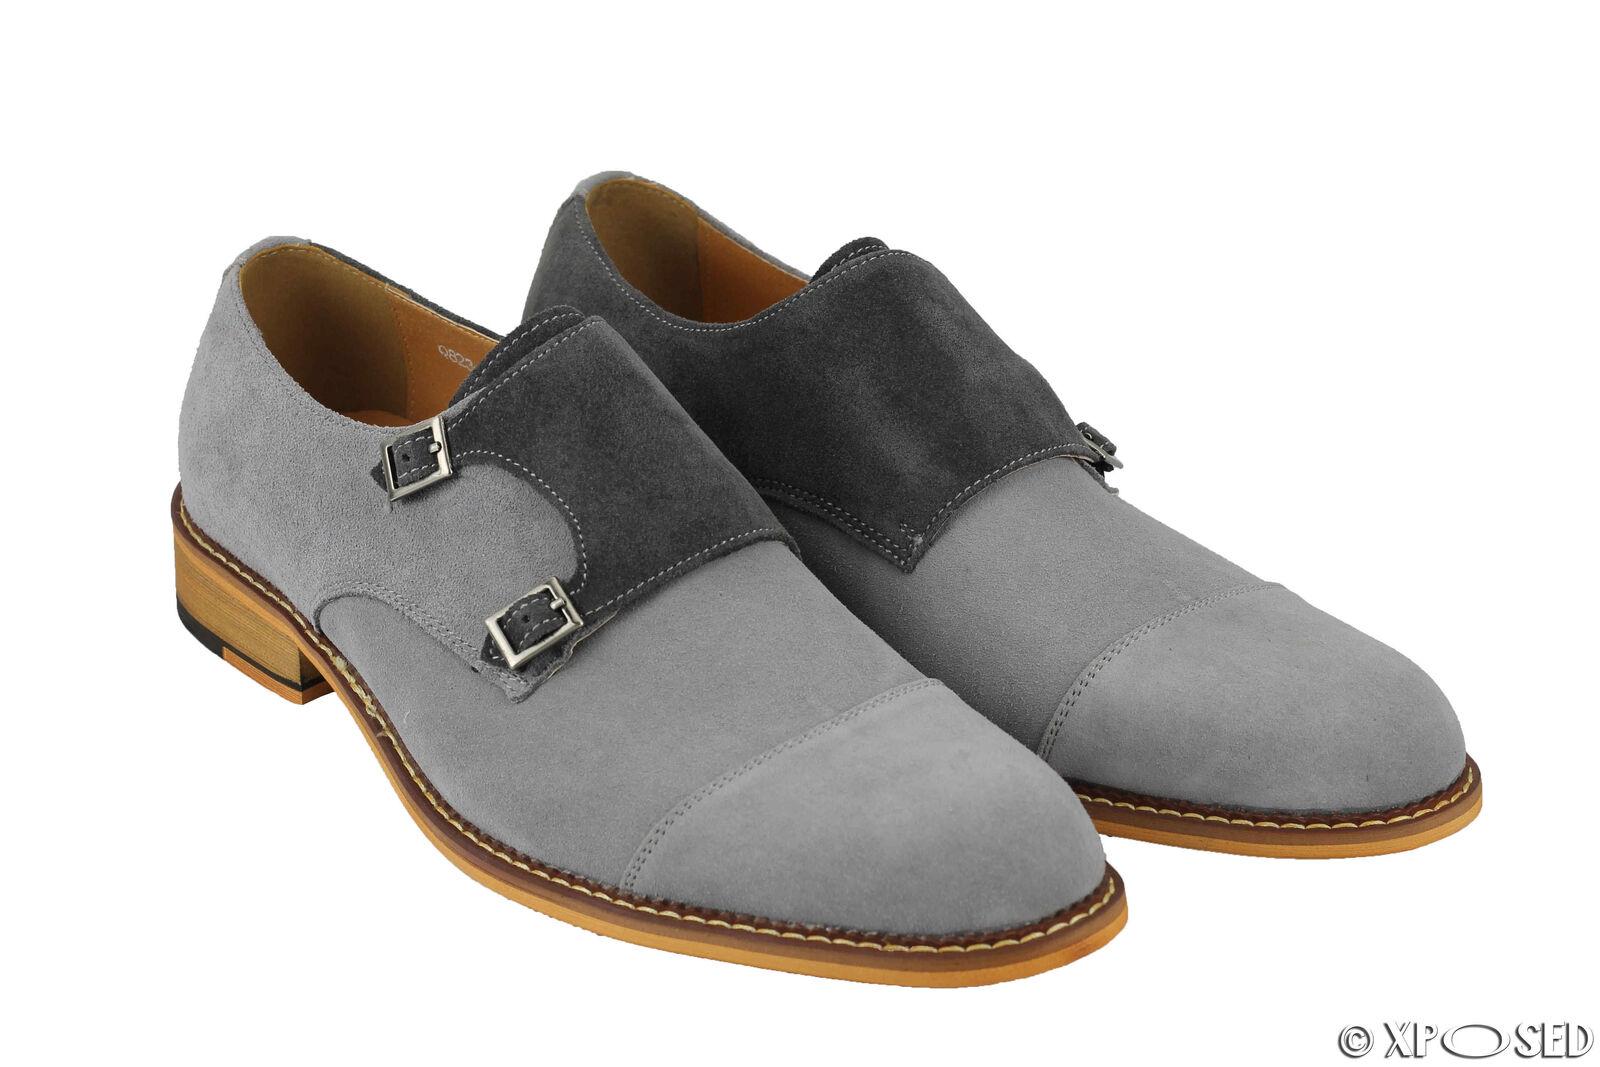 Hommes Véritable en Chaussures Cuir et Daim Vintage Double Moine Bracelet Chaussures en élégant Formel Taille UK 6eab63